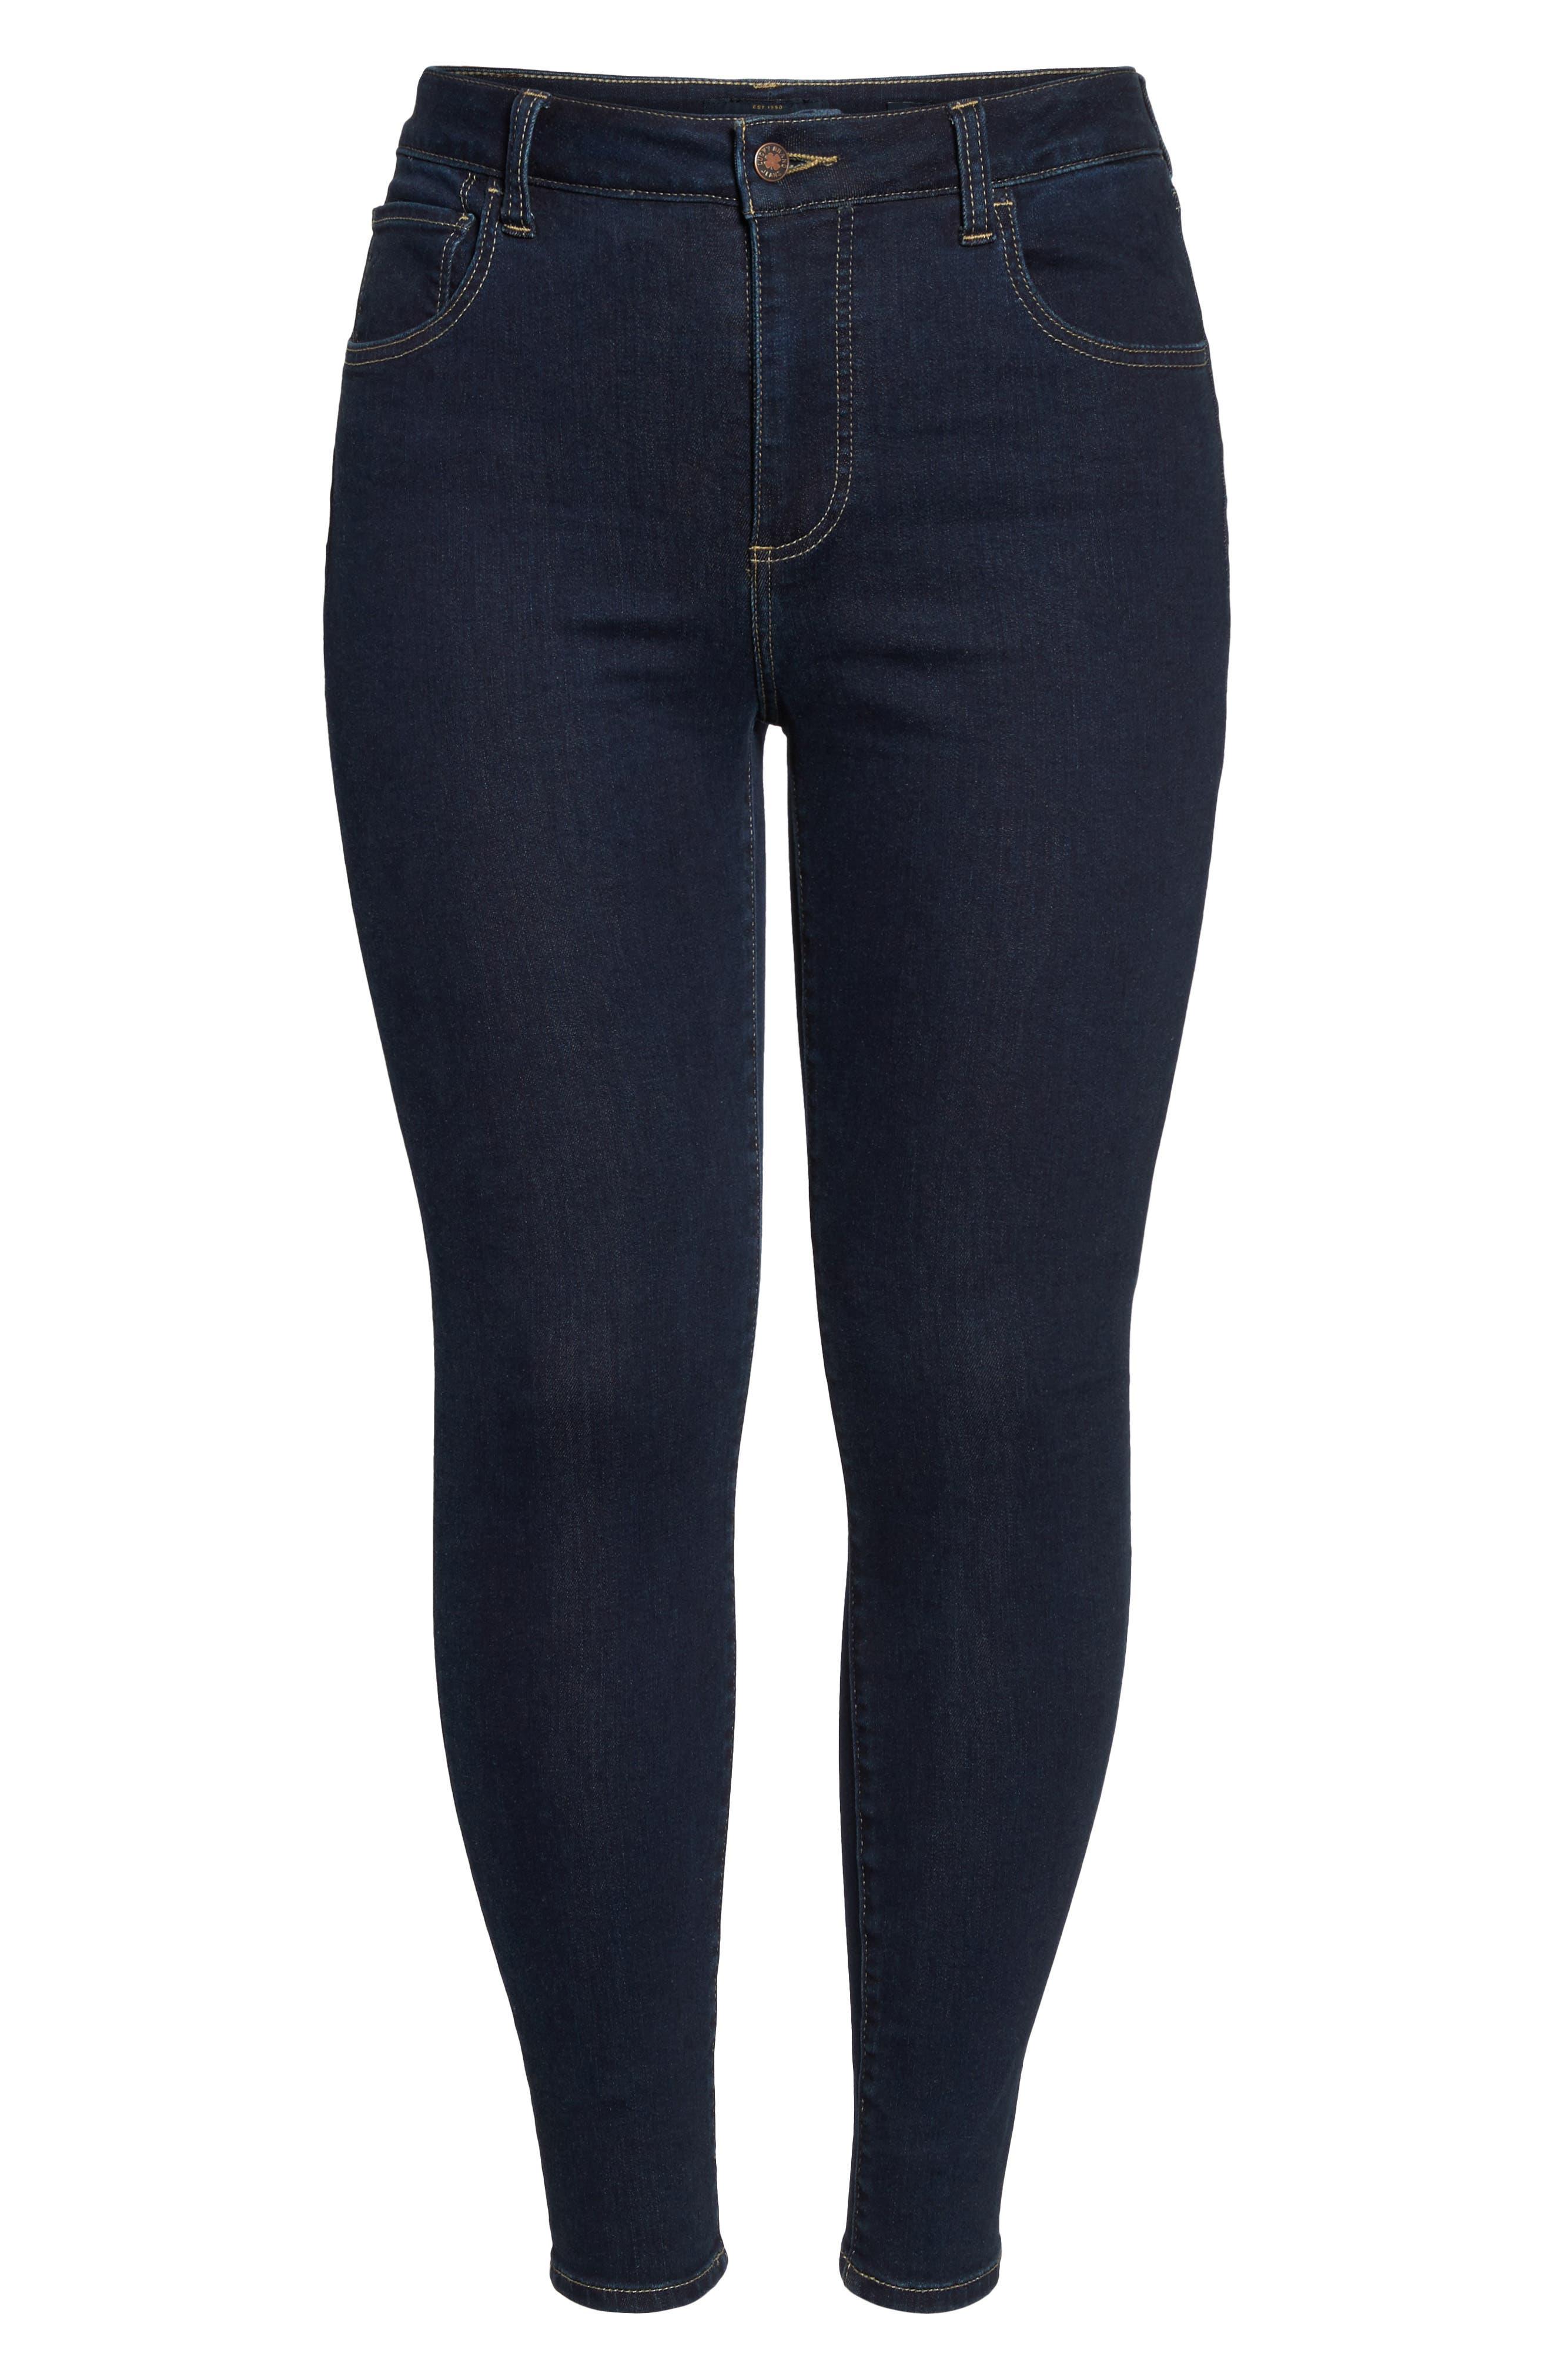 LUCKY BRAND, Emma High Rise Legging Jeans, Alternate thumbnail 7, color, BREAKER